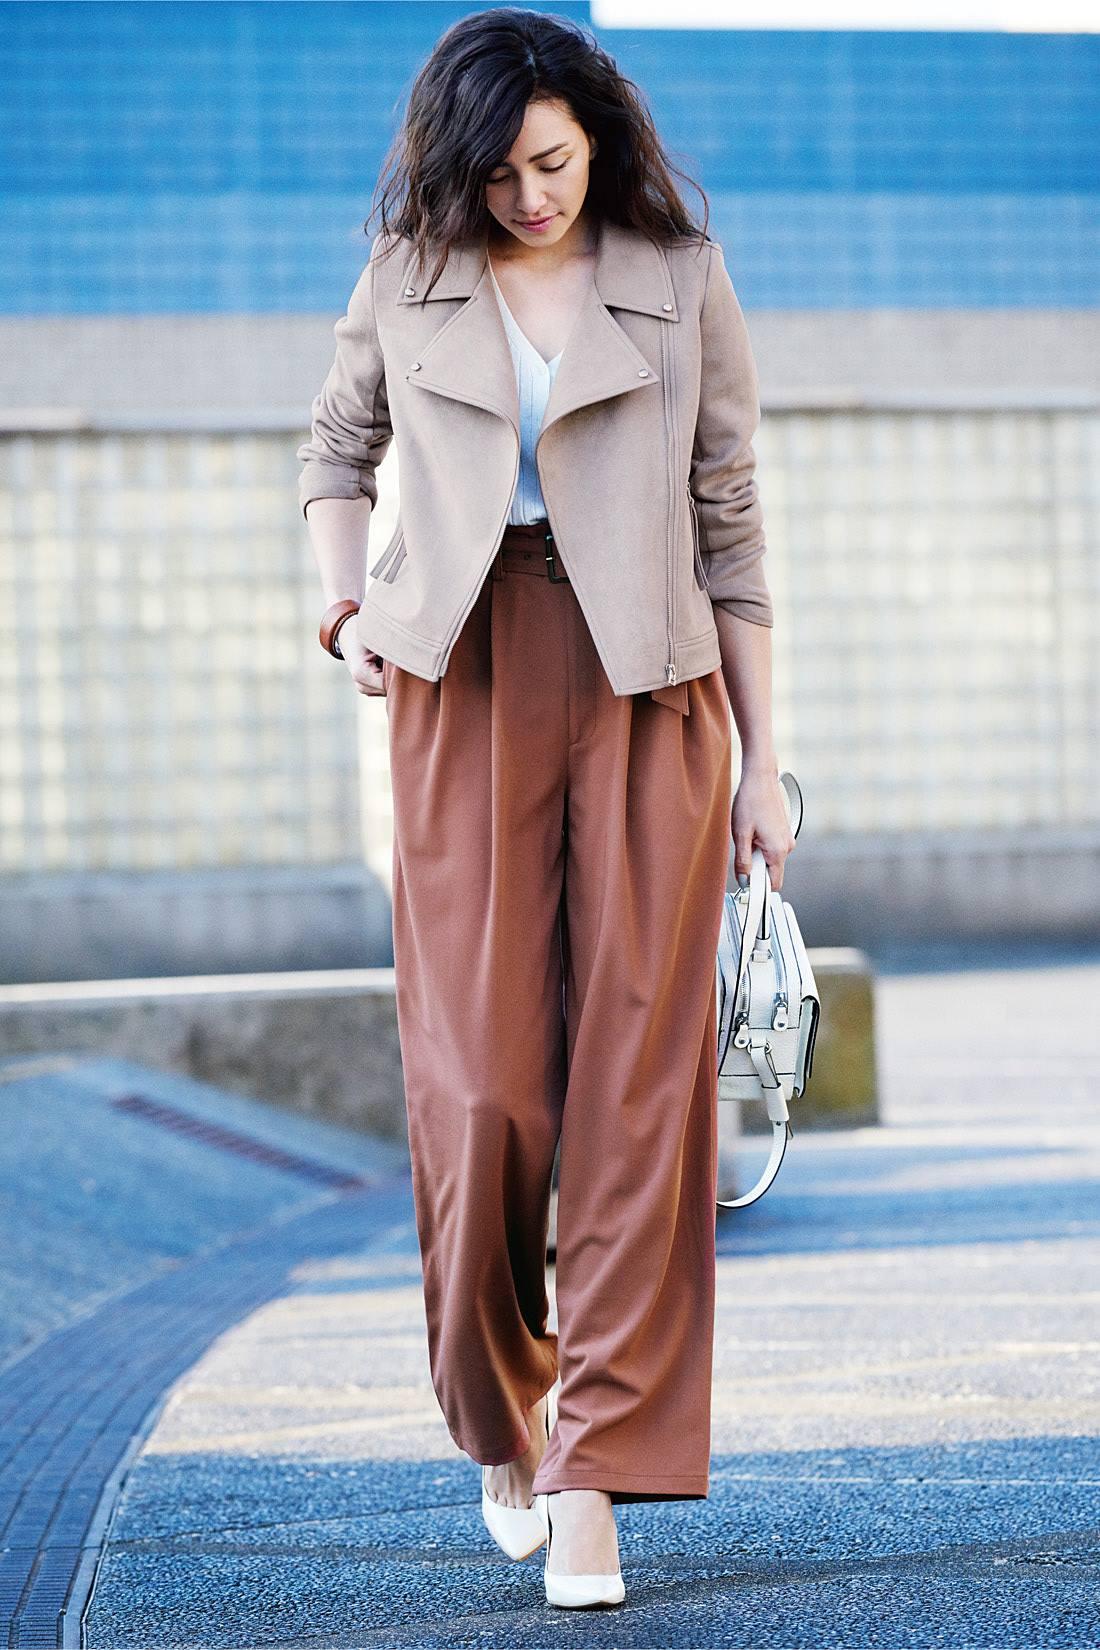 どんなパンツも女っぽく洗練 ゆったりとしたワイドパンツやシンプルな定番デニムに合わせても、ジャケットの淡いカラーとやわらかな素材感が女らしさを引き出してくれる。